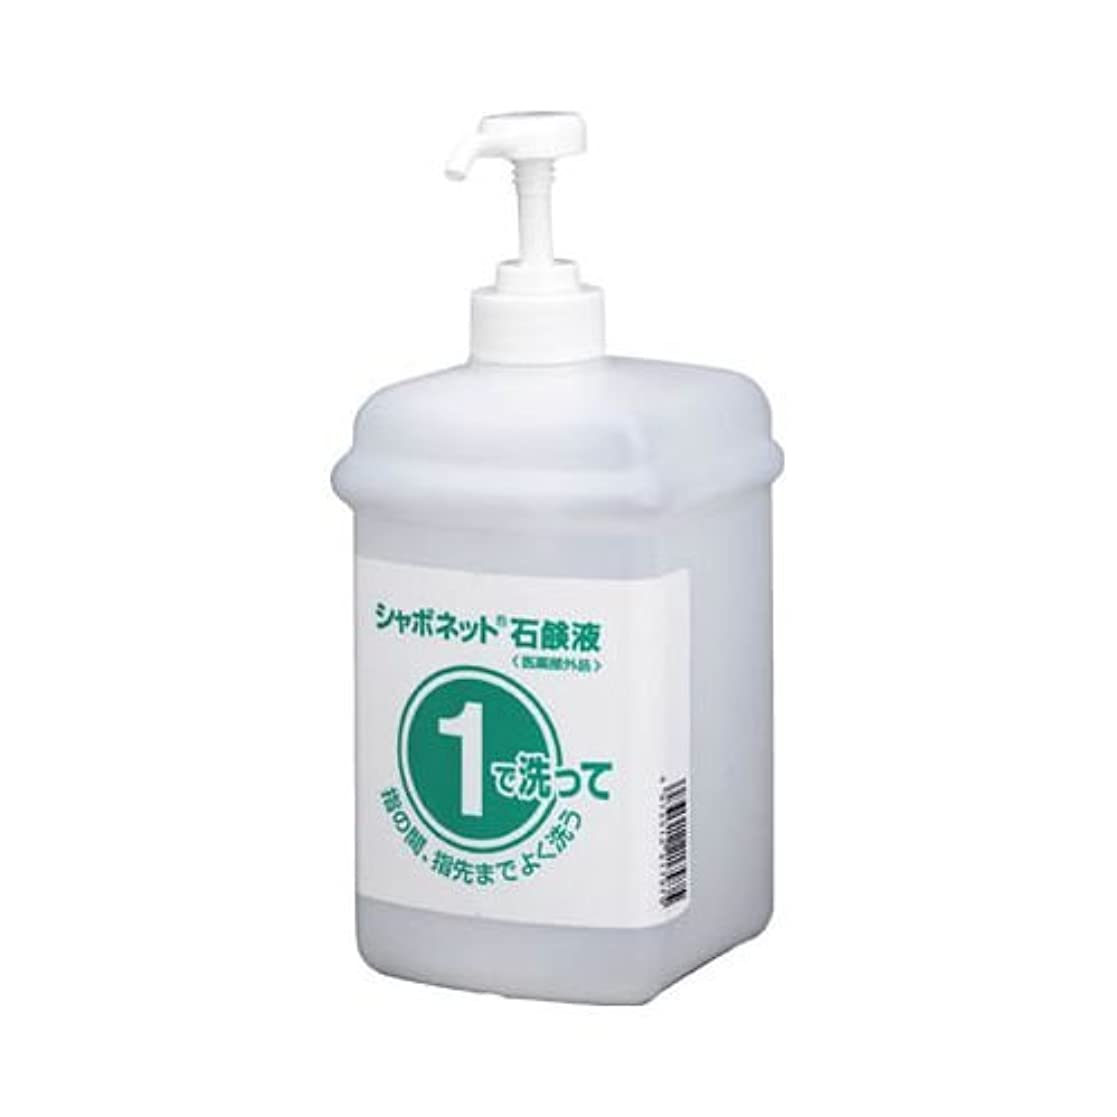 分離するそっと油サラヤ 石鹸容器 1?2セットボトル 石鹸液用1L 21793